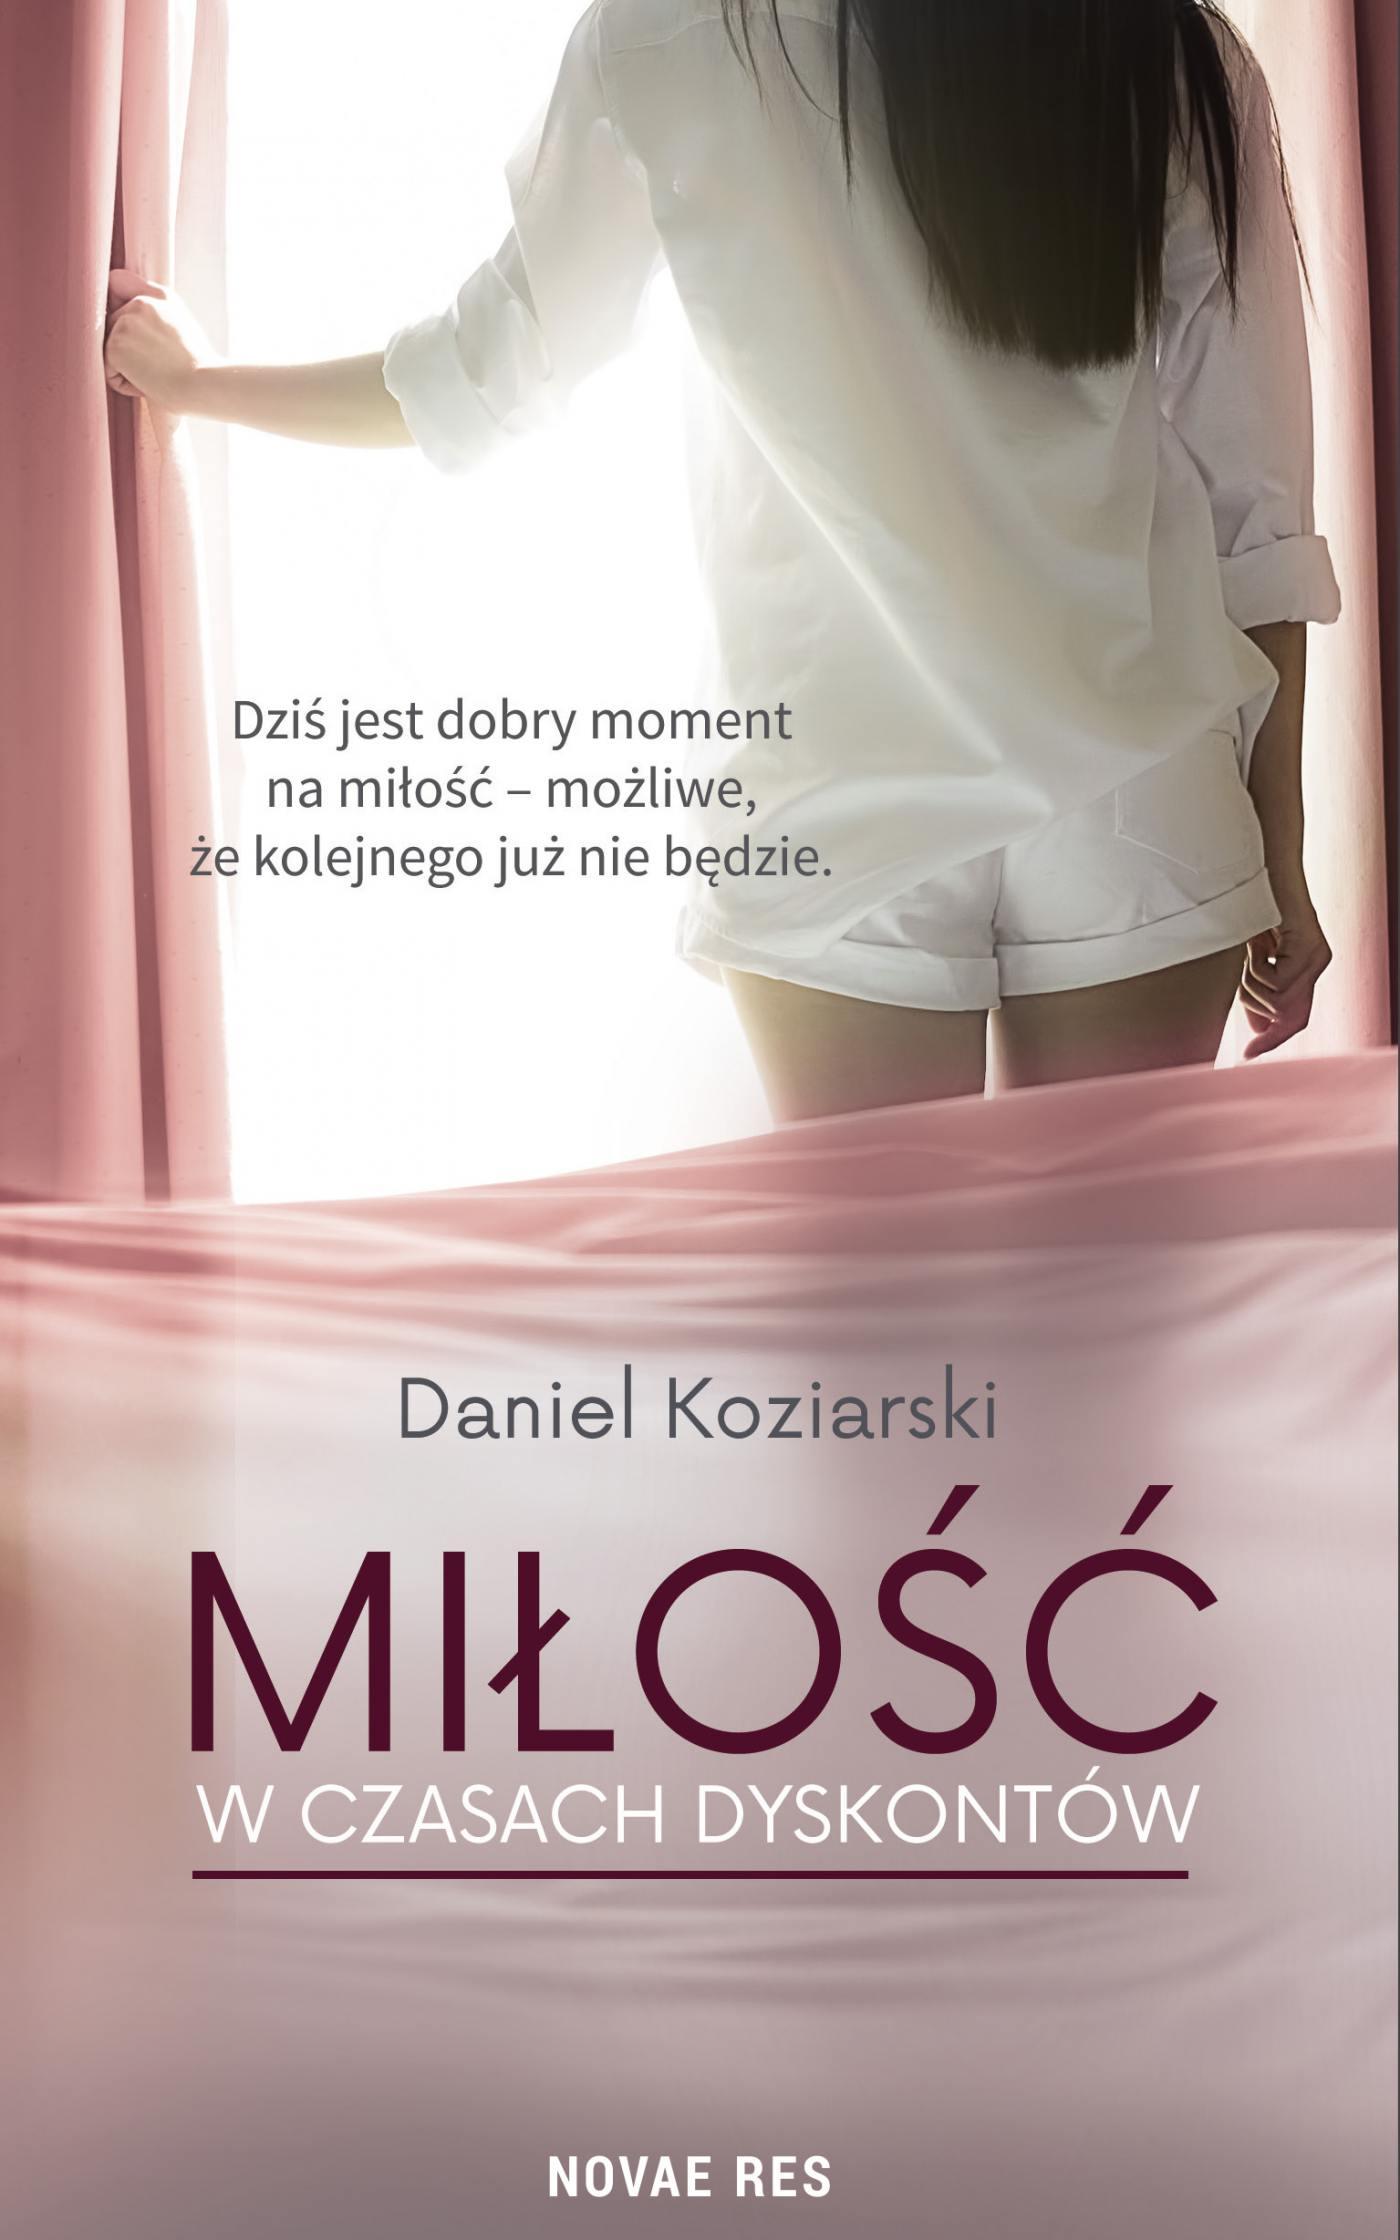 Miłość w czasach dyskontów - Ebook (Książka na Kindle) do pobrania w formacie MOBI